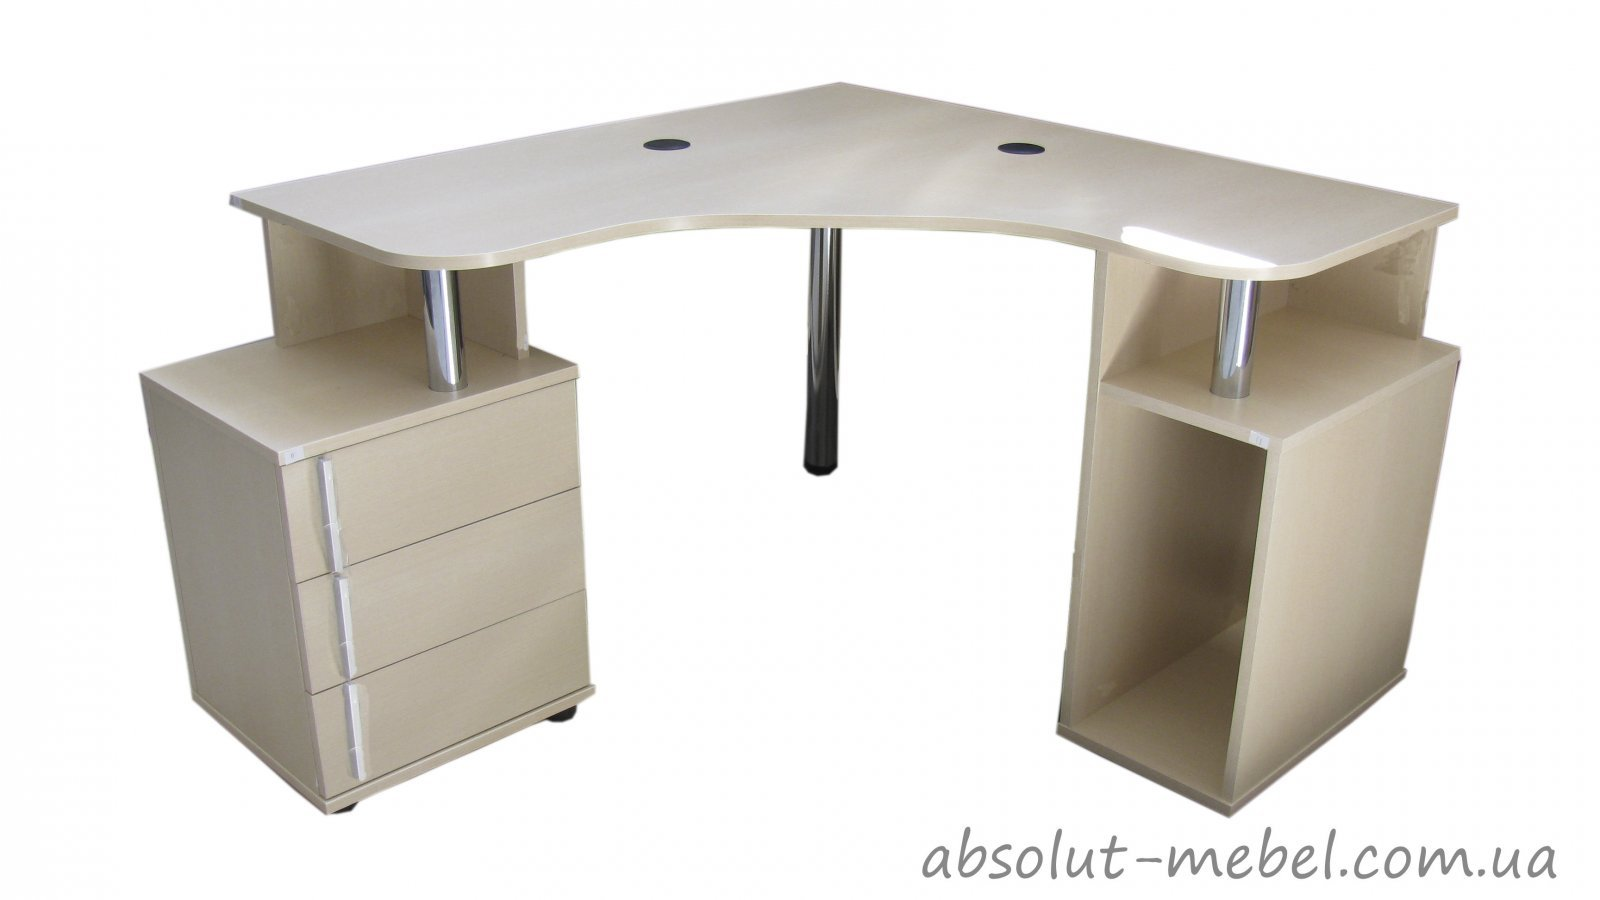 Компьютерный столы: купить угловой стол для компьютера с 870.